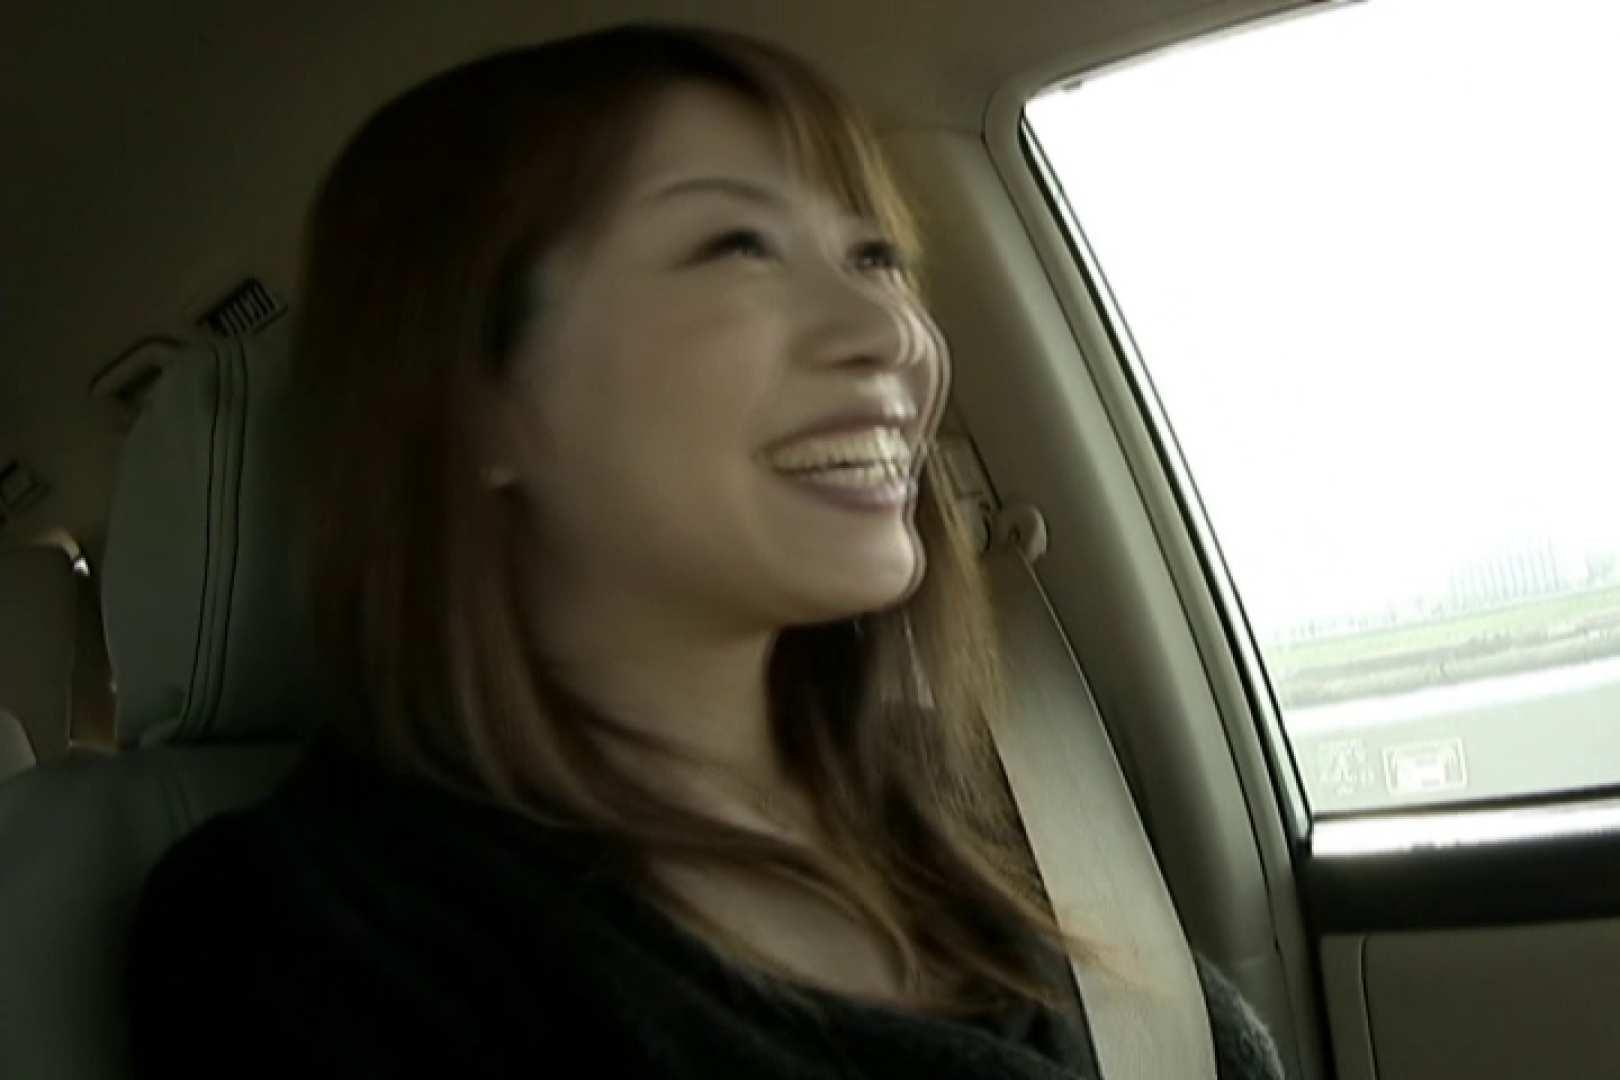 素人モデル撮っちゃいました kana02 女子大生のエッチ アダルト動画キャプチャ 94pic 47